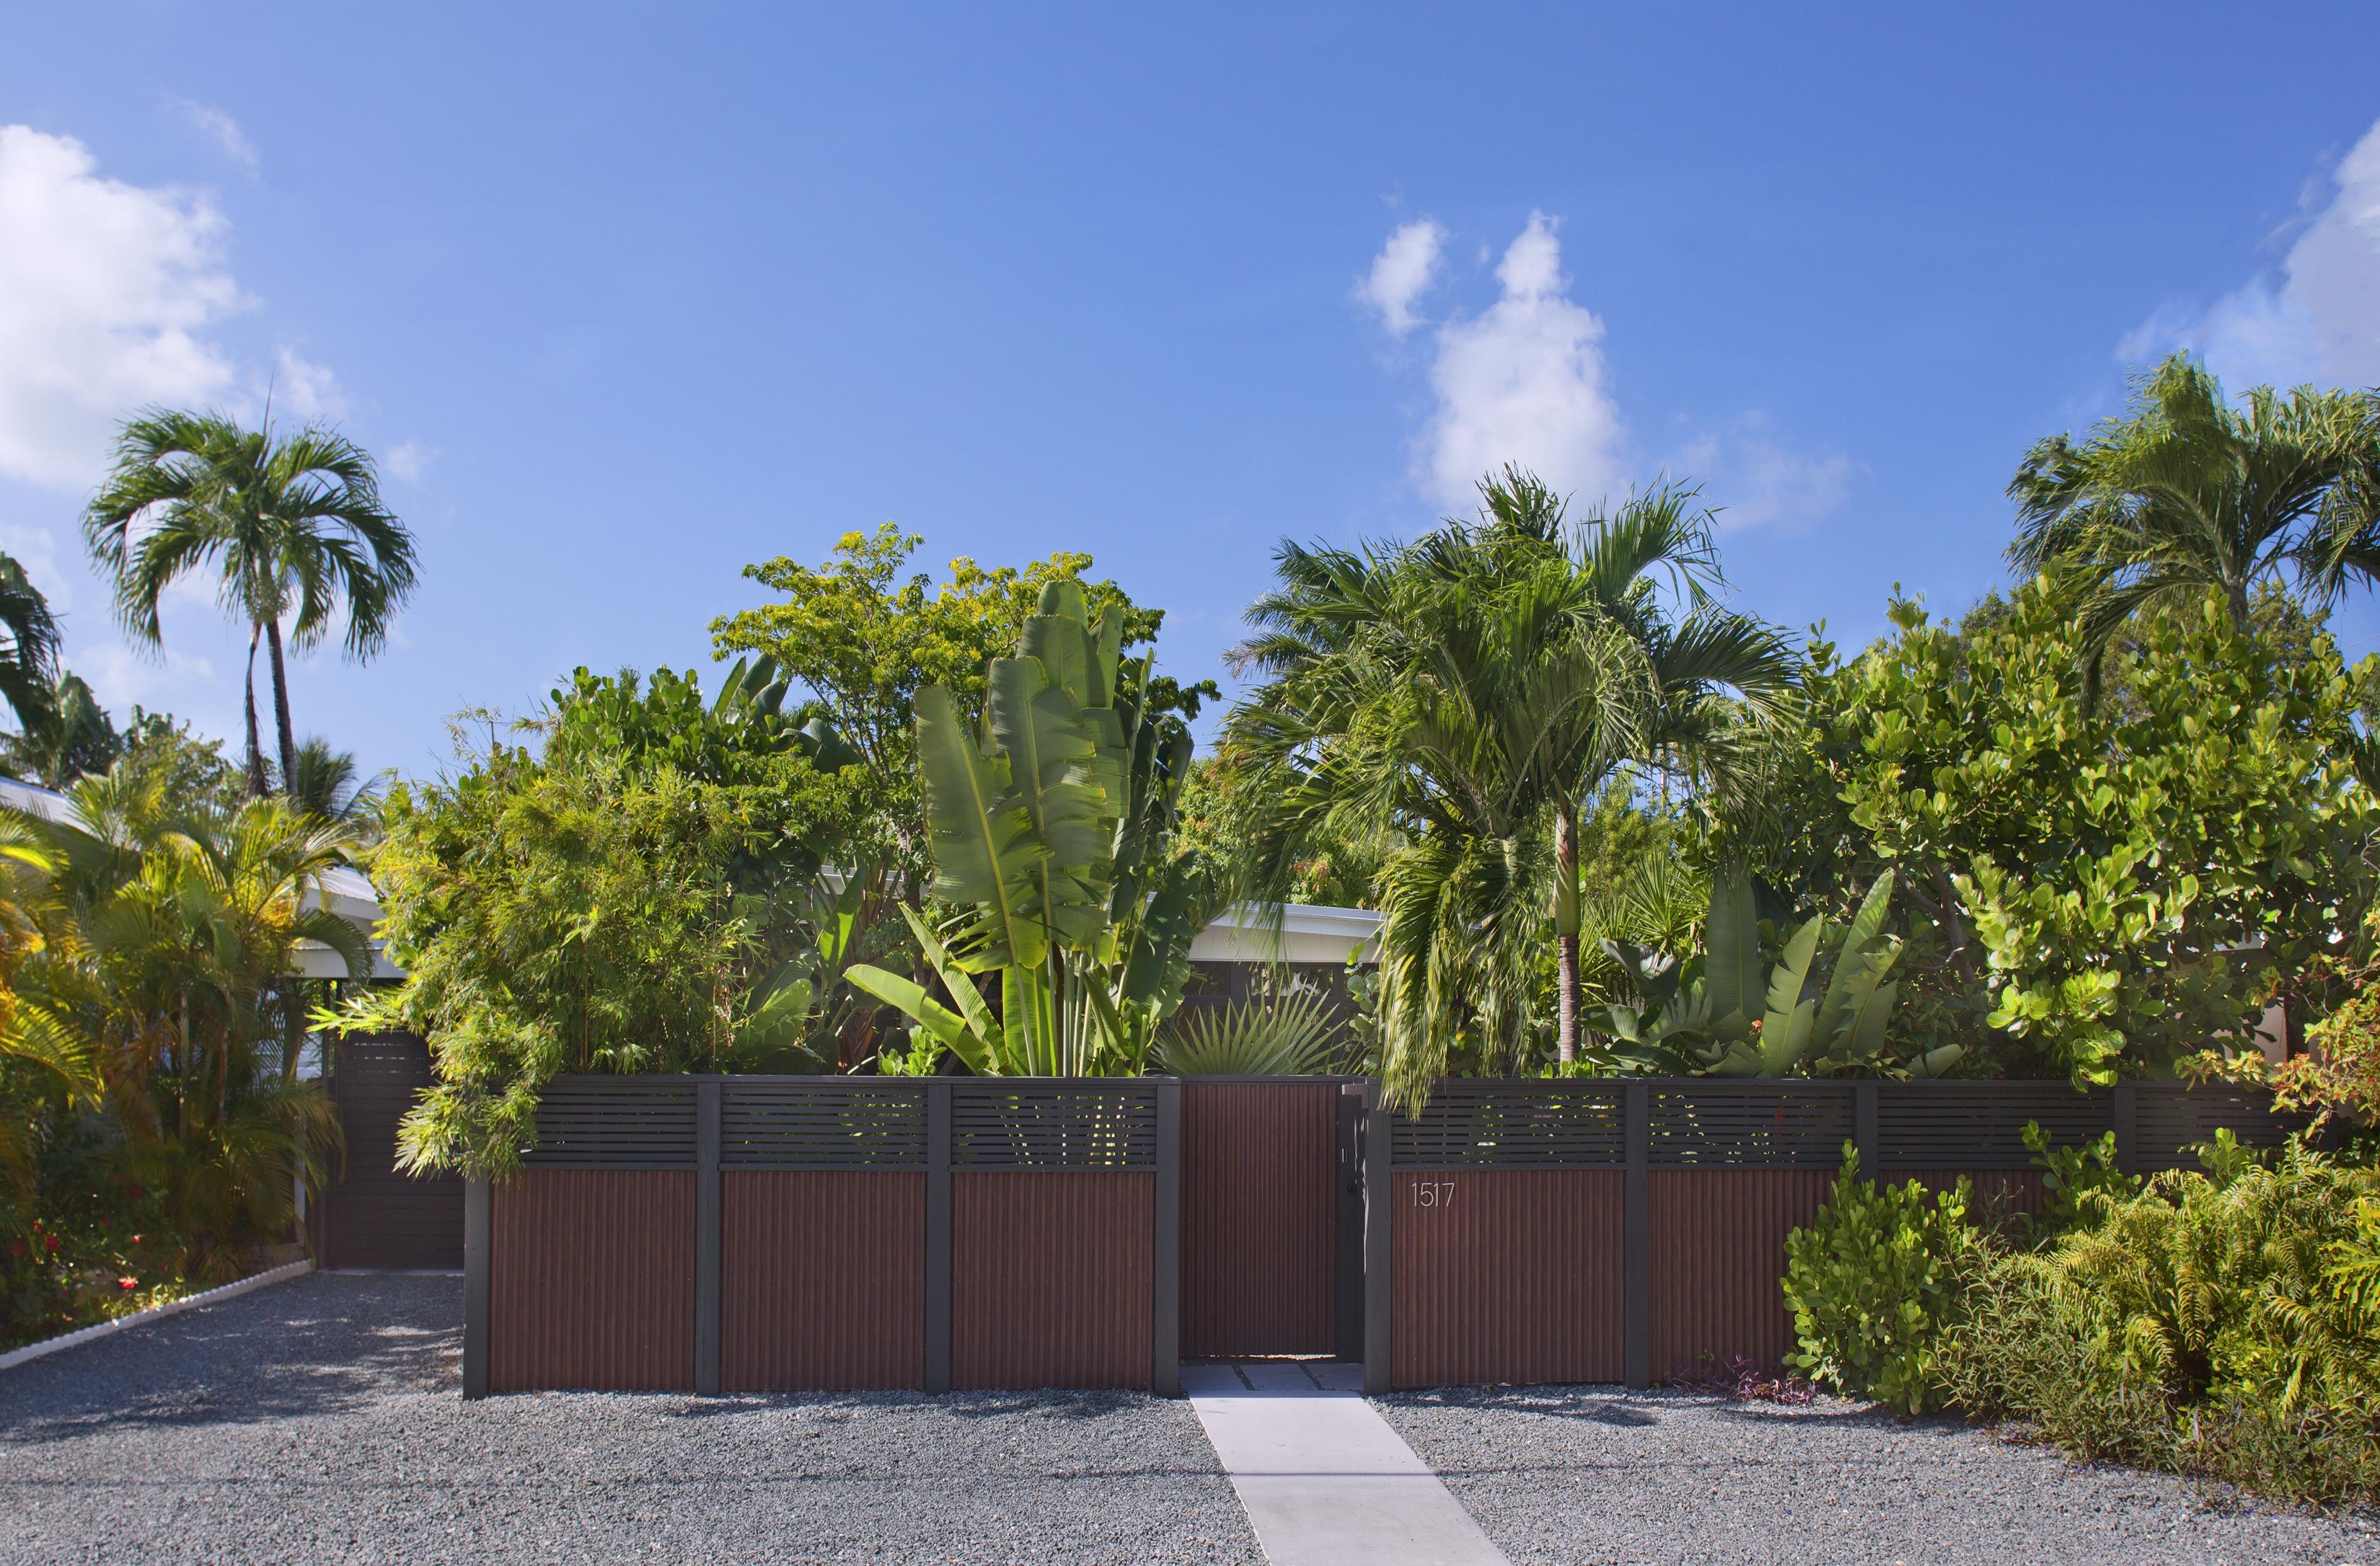 1517 Washington St Key West, Privacy Fence